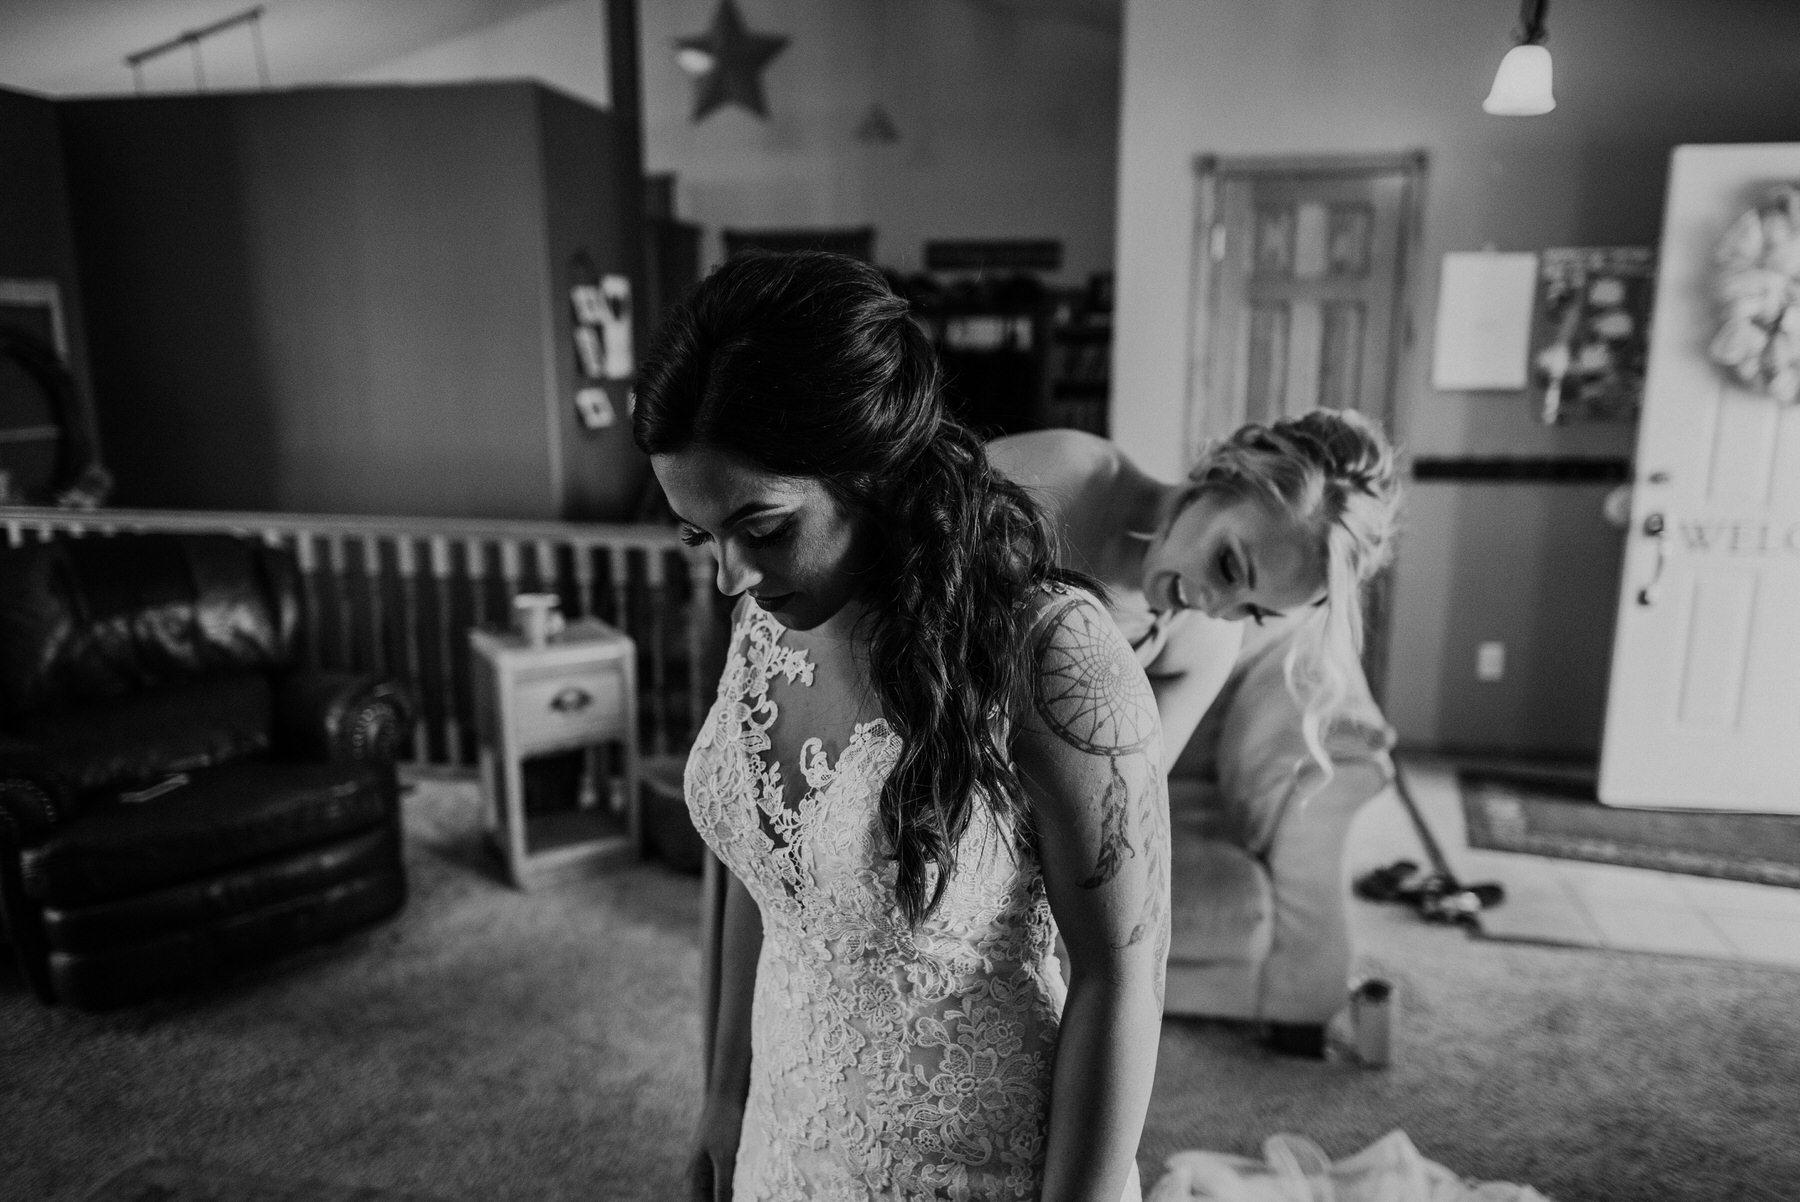 Kaylie-Sirek-Photography-Kearney-Nebraska-Wedding-024.jpg